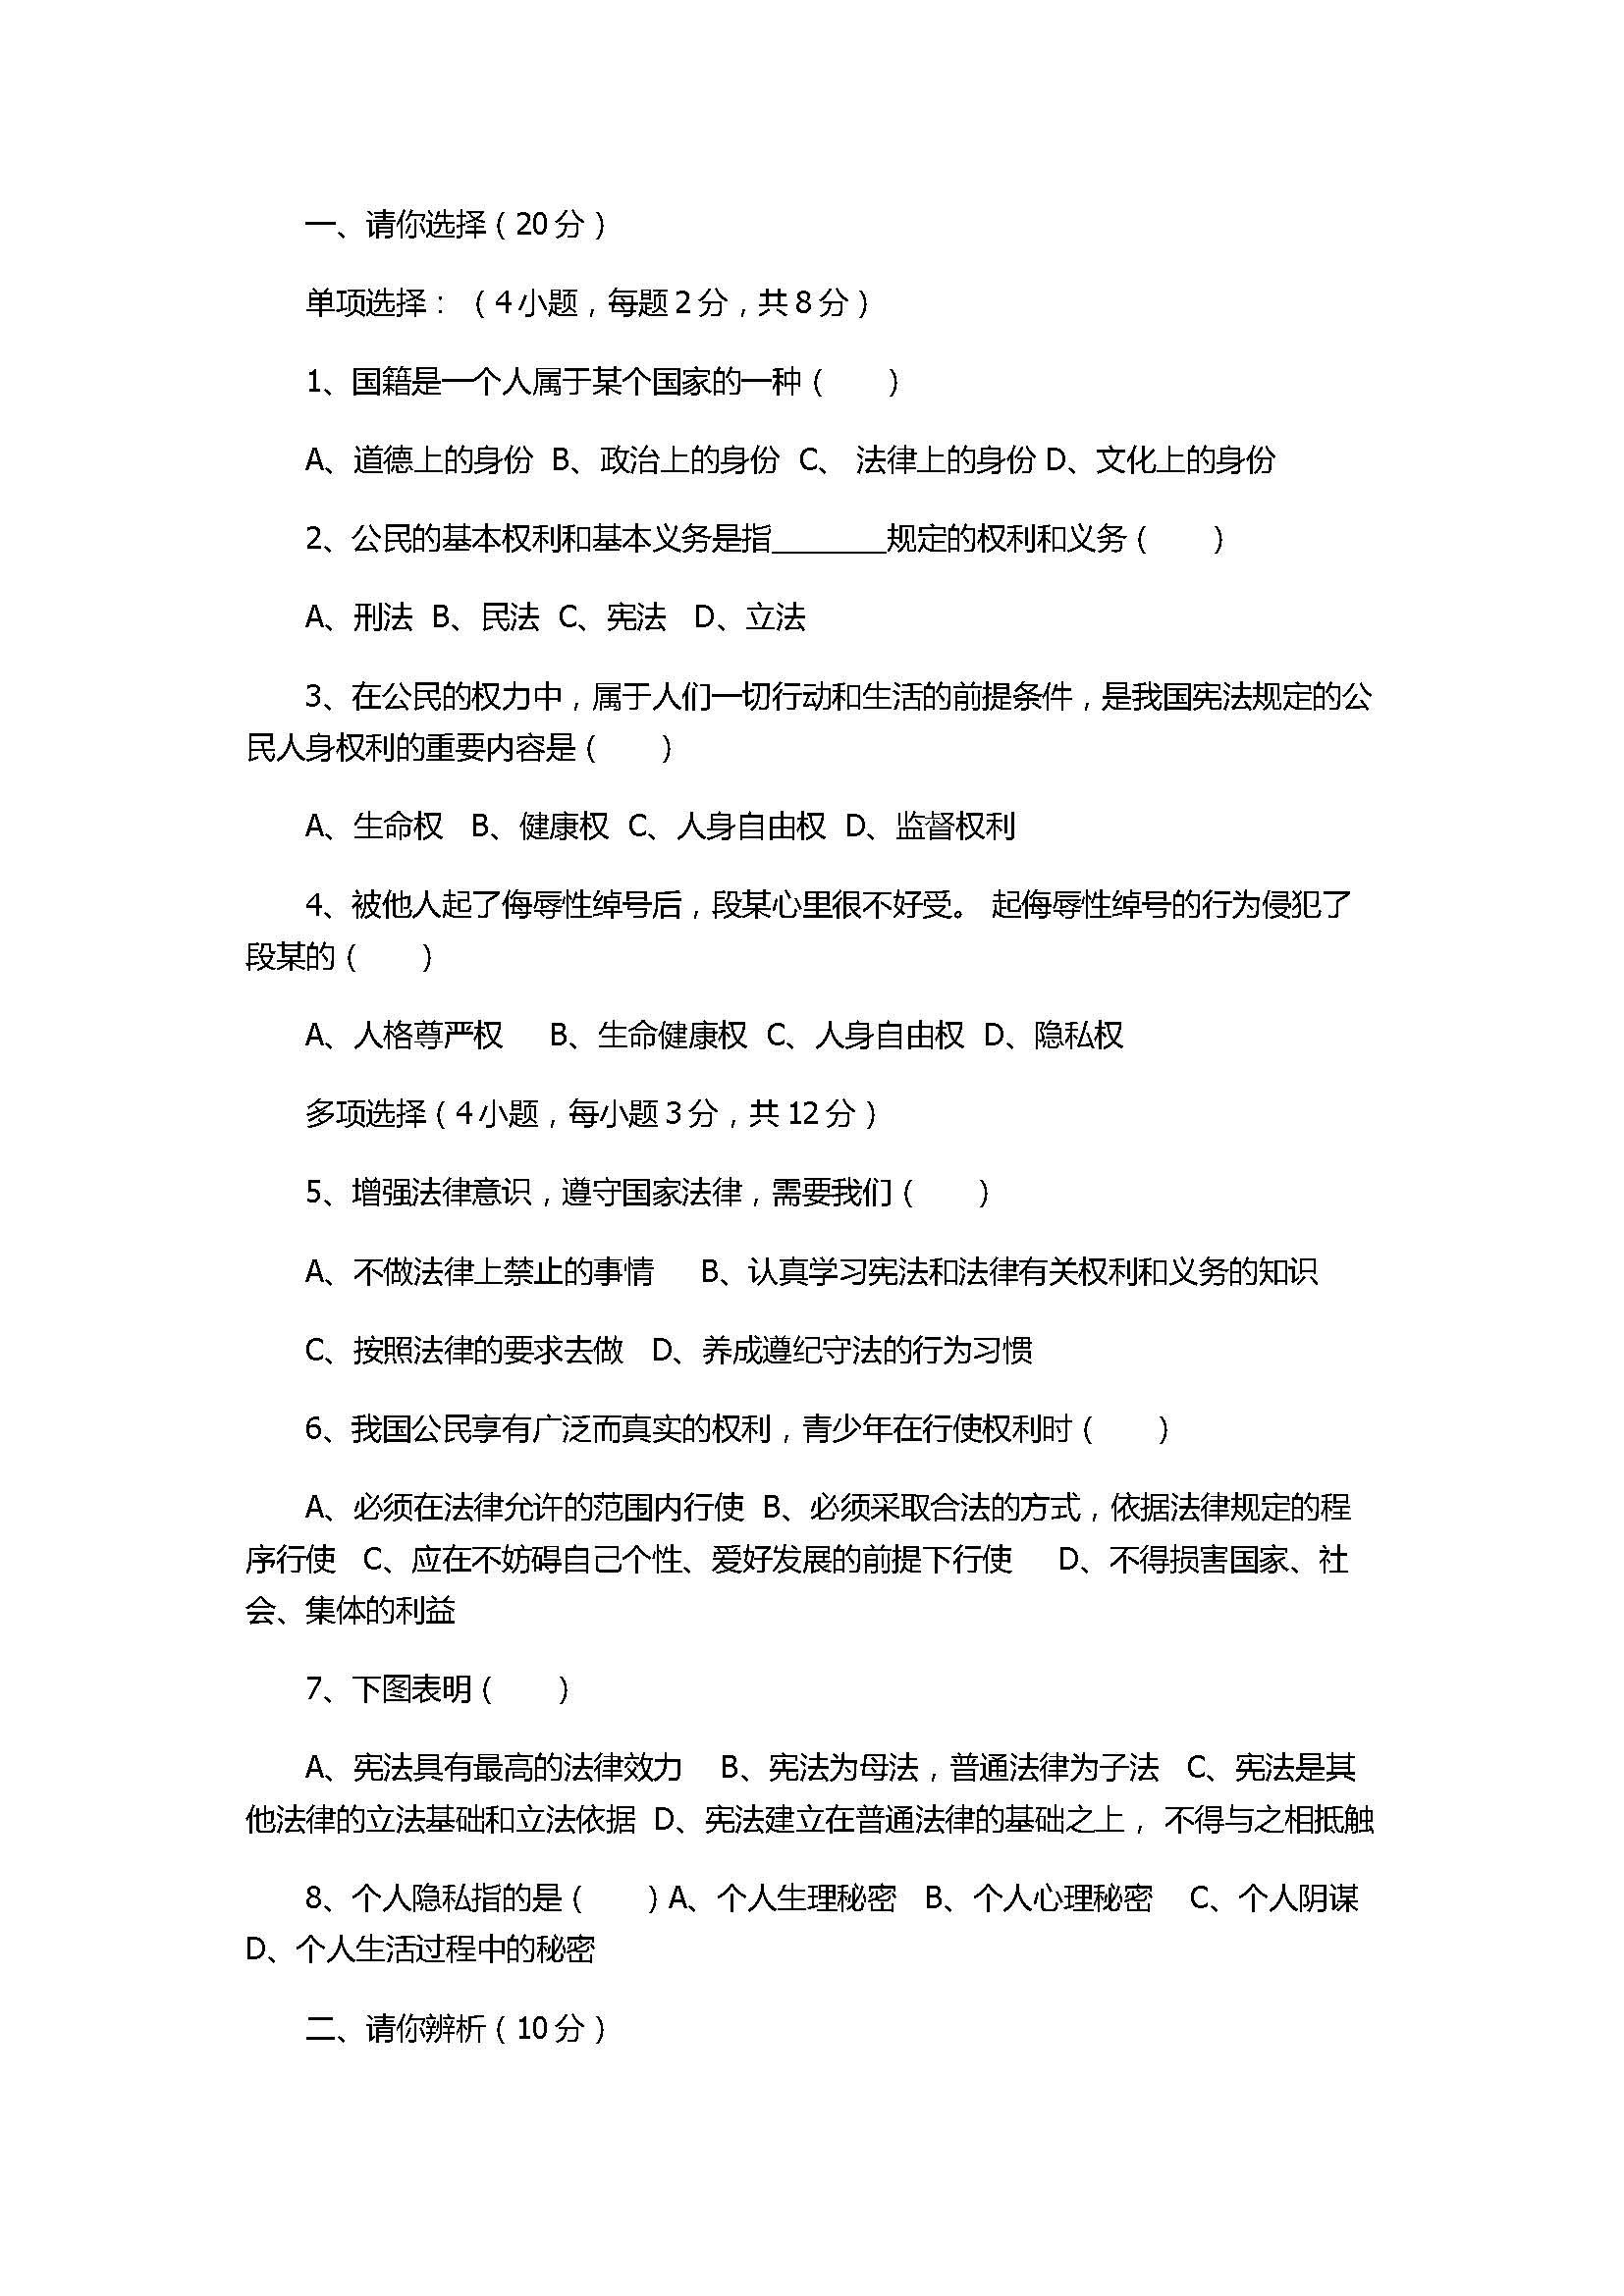 2017八年级下册思想品德期中测试题带参考答案(西华县)